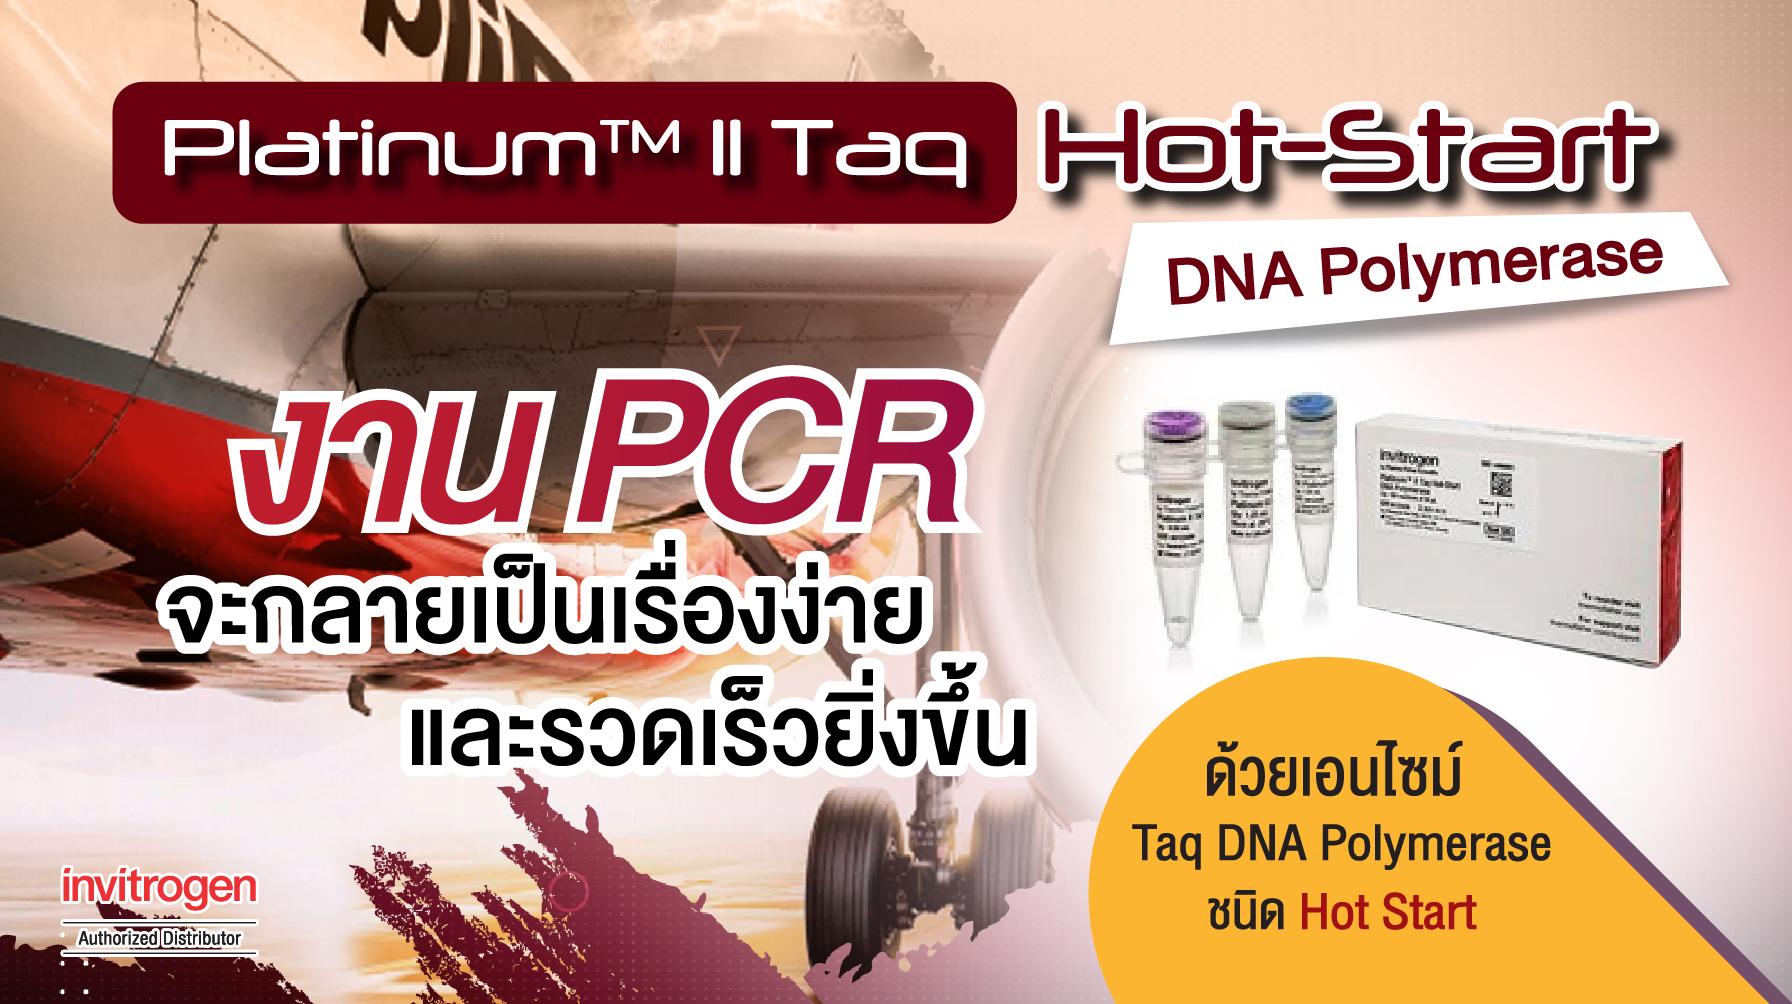 Platinum™ II Taq Hot-Start DNA Polymerase